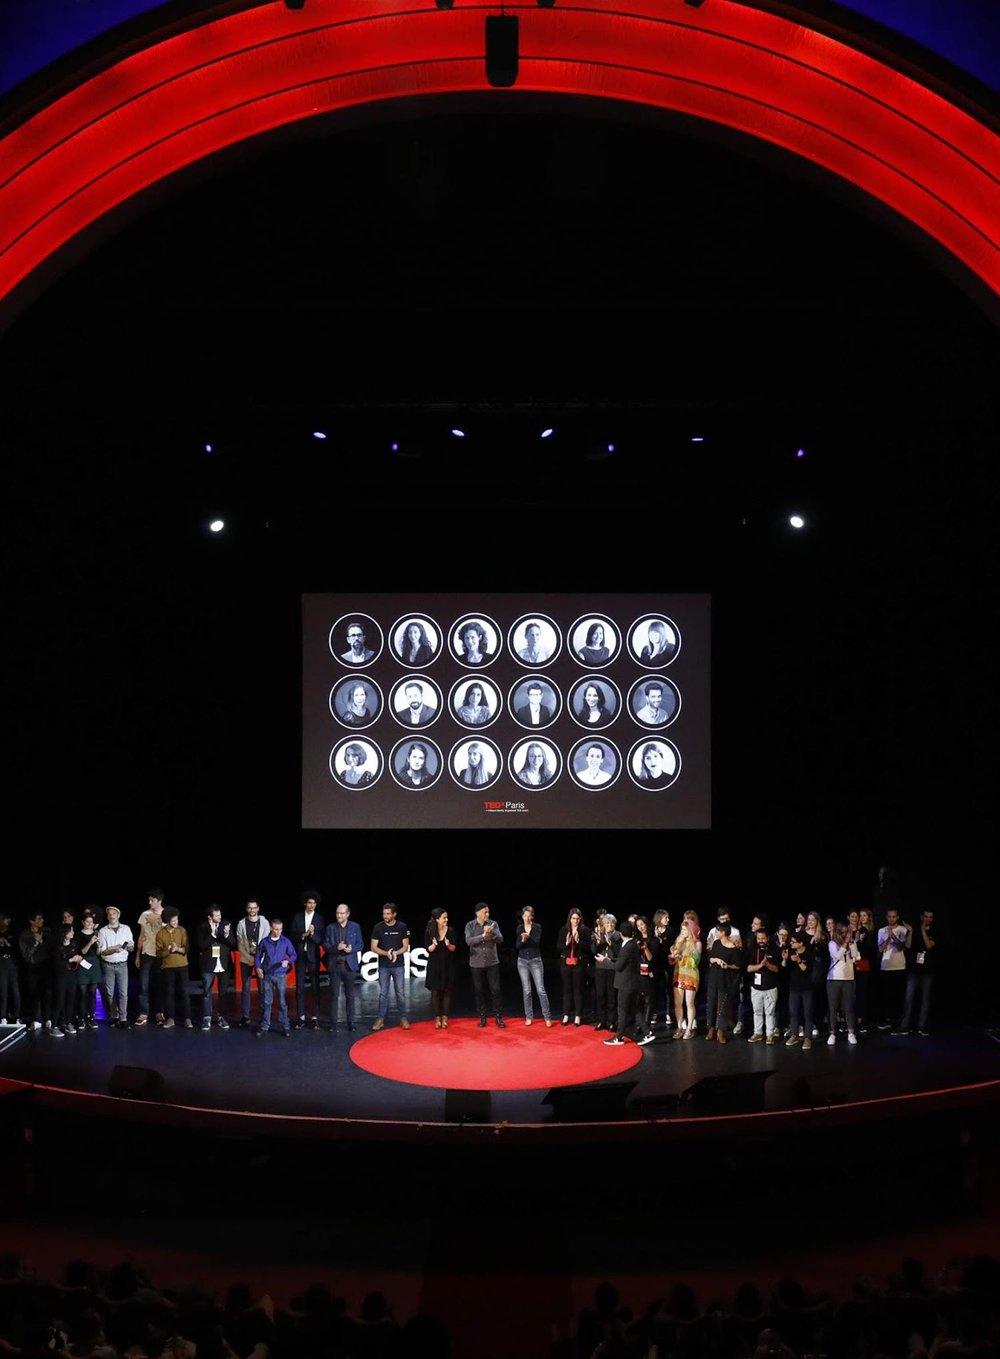 TEDxParis - TEDxParis est né en avril 2009 sous l'impulsion de Michel Levy Provençal. C'est la première conférence TEDx européenne et une des 3 premières conférences TEDx à avoir été créée.TEDxParis n'a cessé au fil des ans de se développer dans un esprit d'ouverture et de partage.À Propos